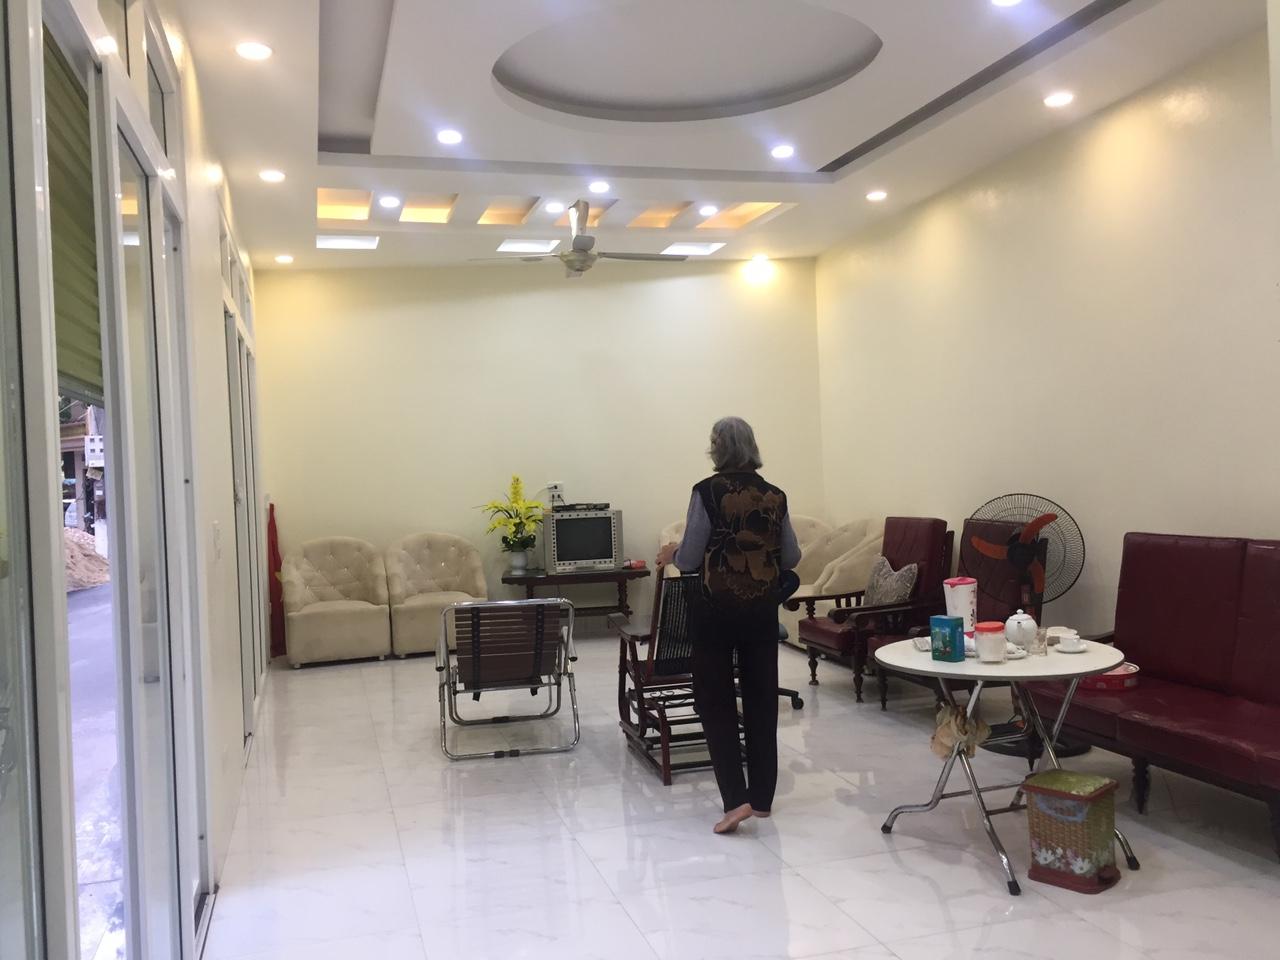 Cho Thuê Biệt thự Khu Biệt Thự Hà Tiên Vĩnh Yên - Vĩnh Phúc diện tích 240m2 LH 0986797222